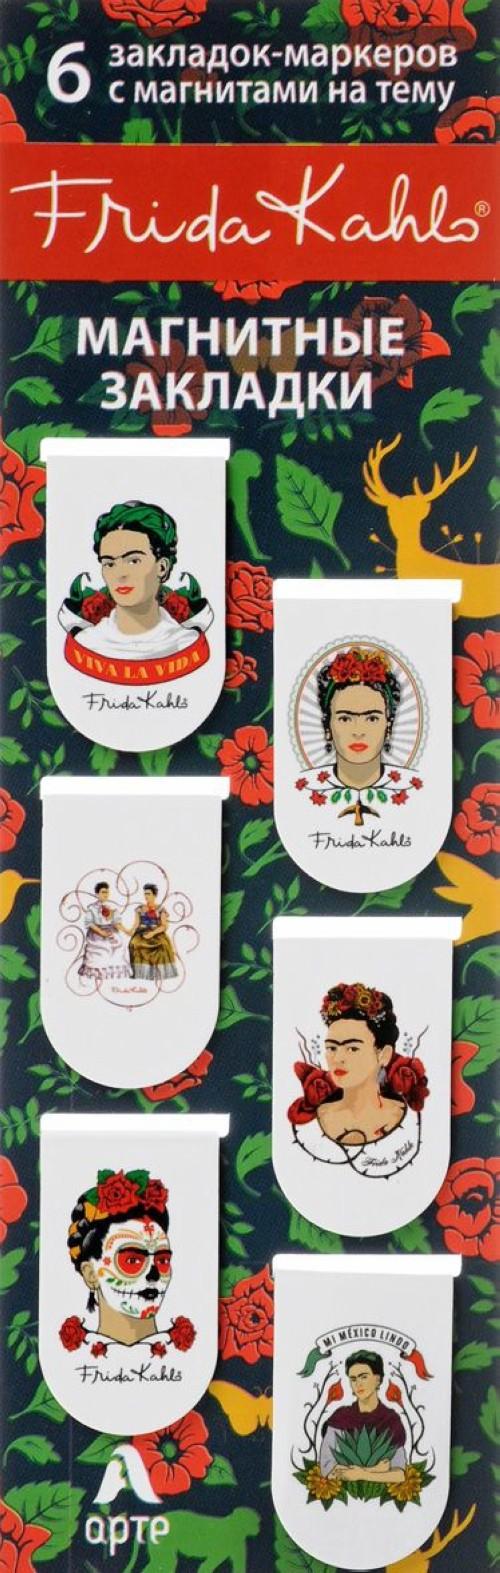 Frida Kalo. Magnitnye zakladki